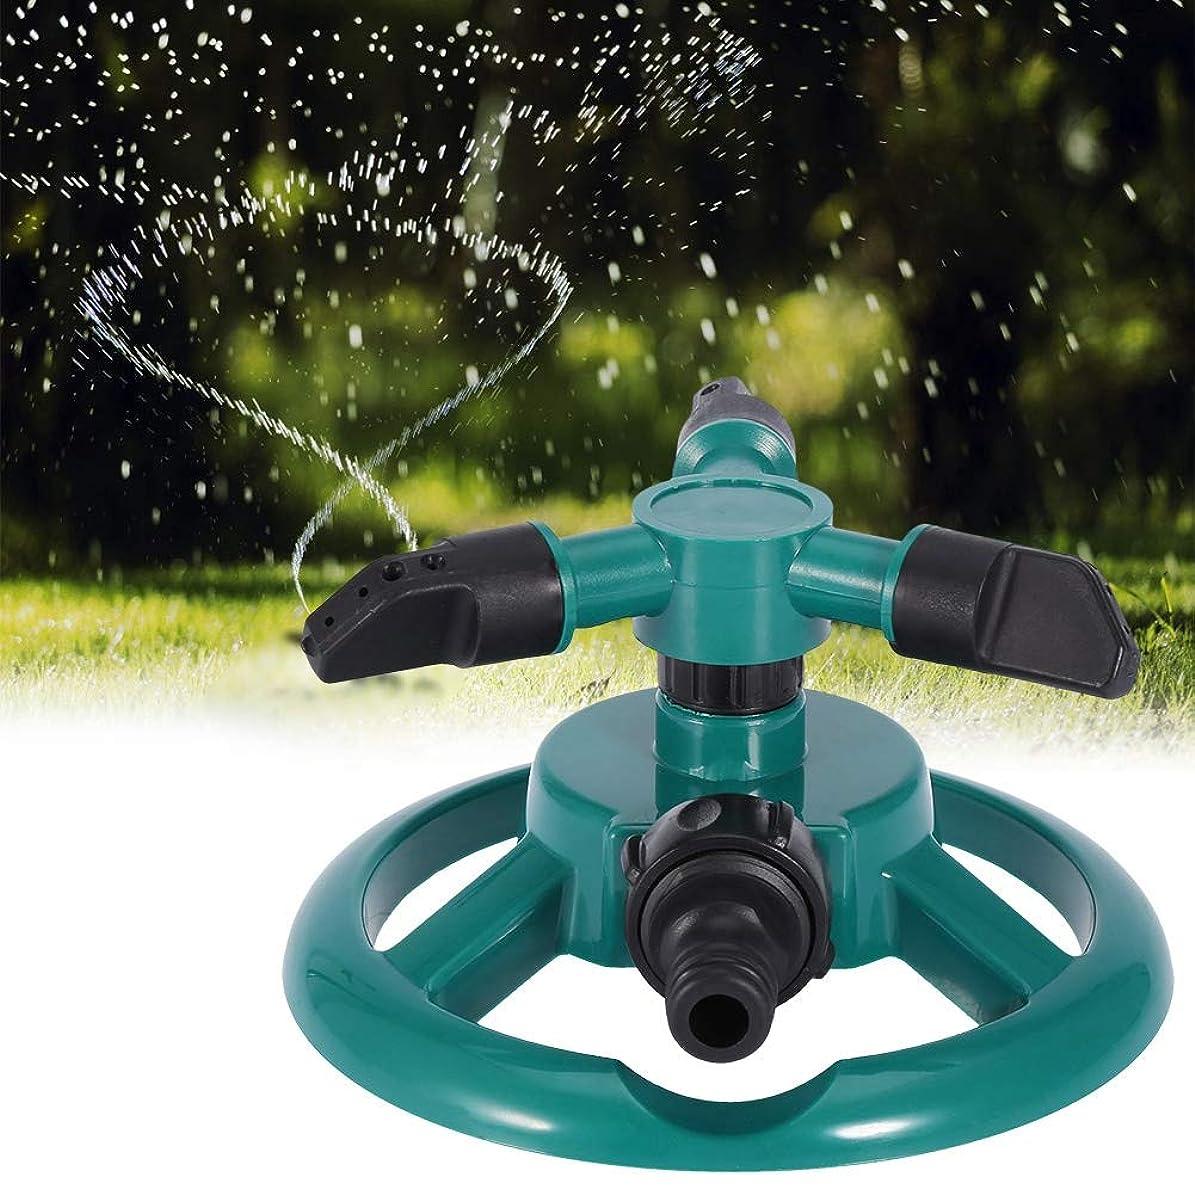 実行する渇き量で水スプリンクラー、360°完全3ノズルサークル回転散水スプリンクラー灌漑システム、ガーデン灌漑スプリンクラー用(EUプラグ)